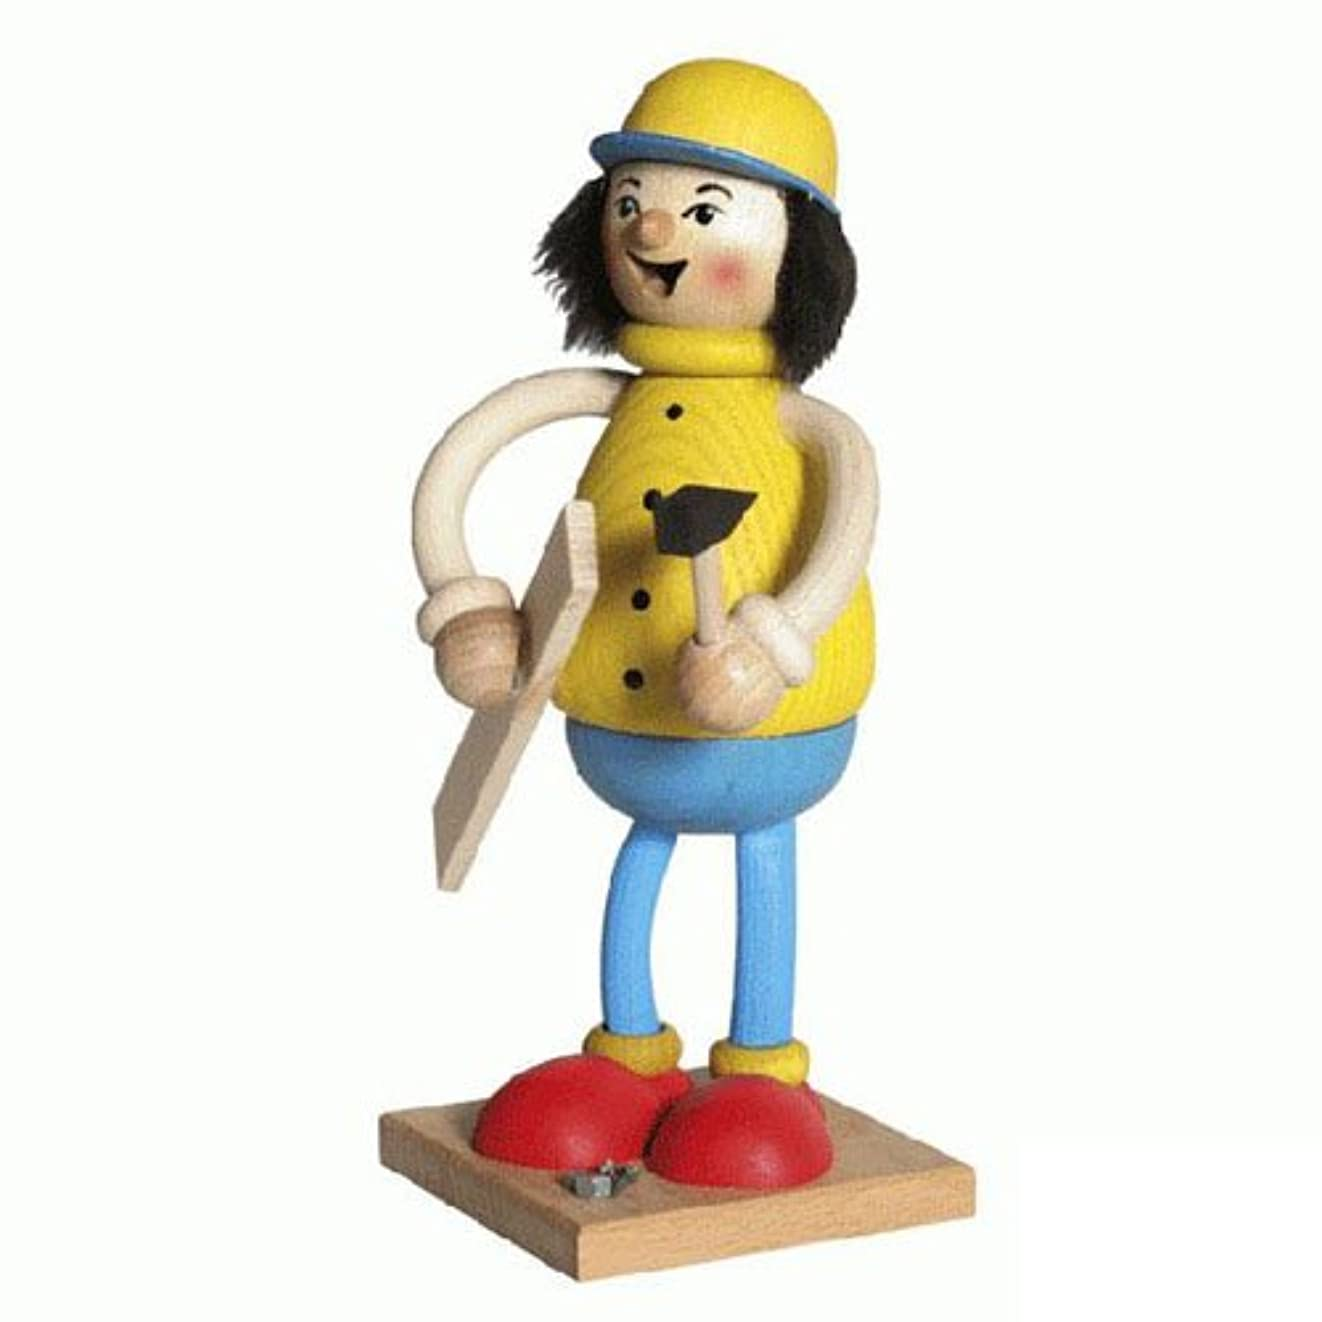 ベルト繊毛山積みの39096 Kuhnert(クーネルト) ミニパイプ人形香炉 DIY